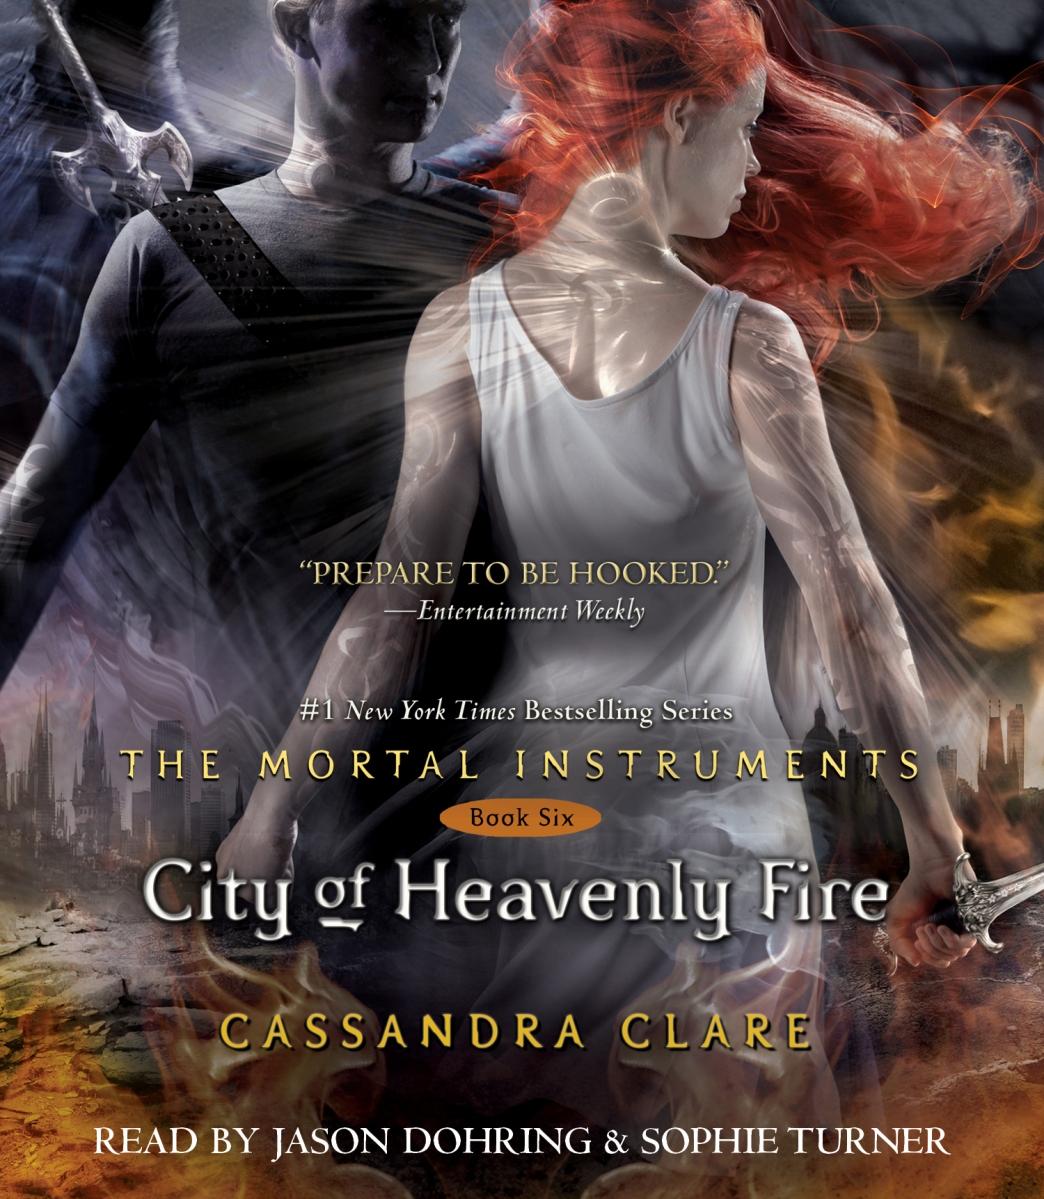 Listen: Excerpt from 'City of Heavenly Fire' audiobook ...